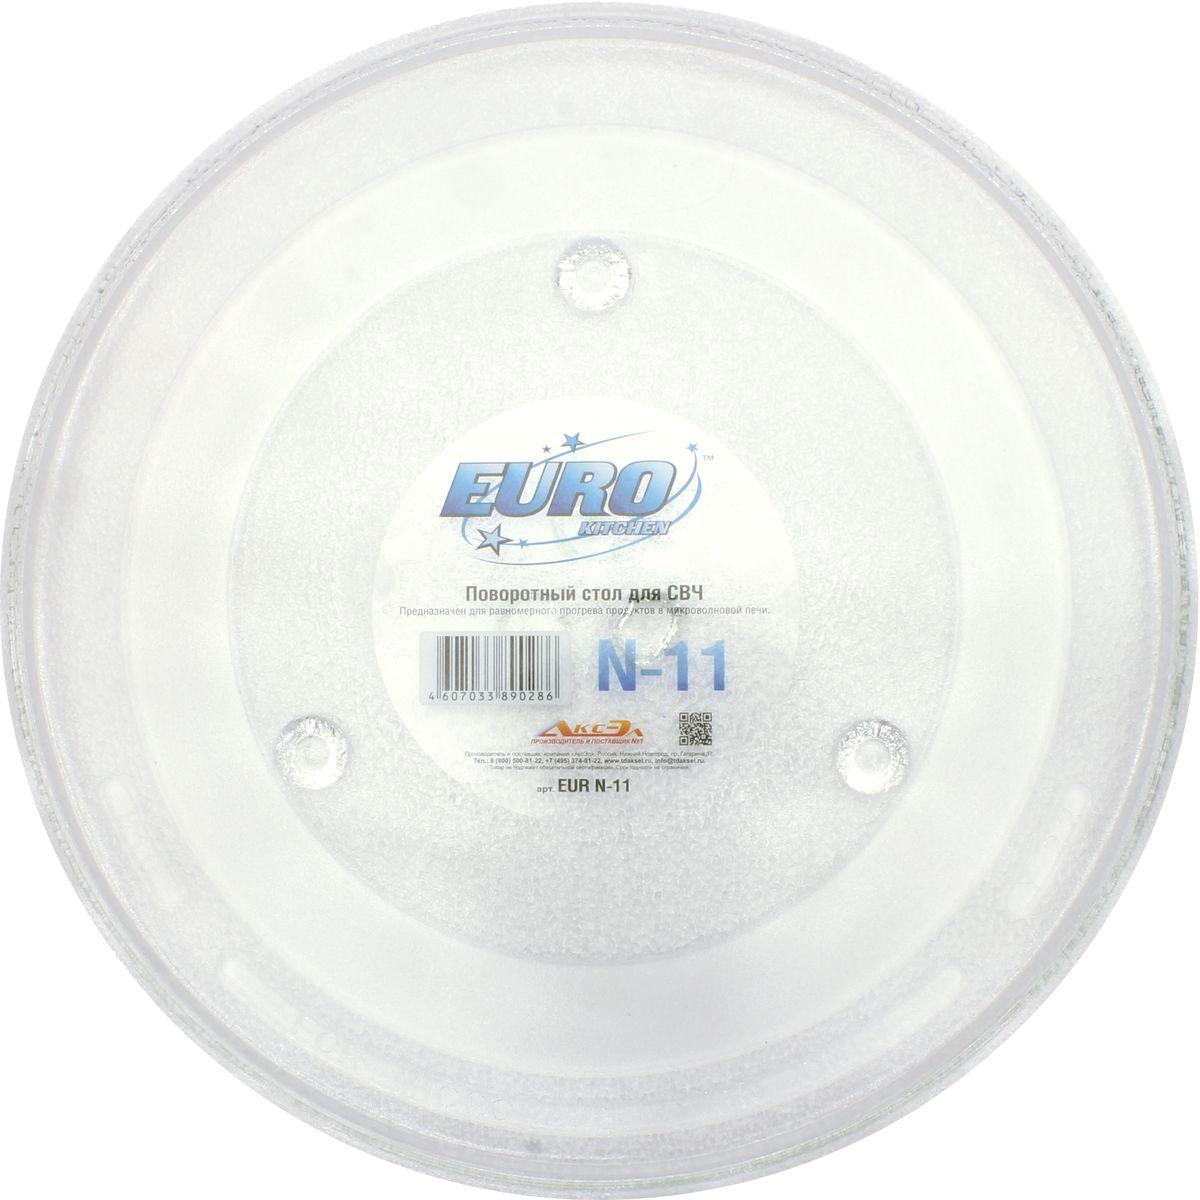 Euro Kitchen N-11 тарелка для СВЧ